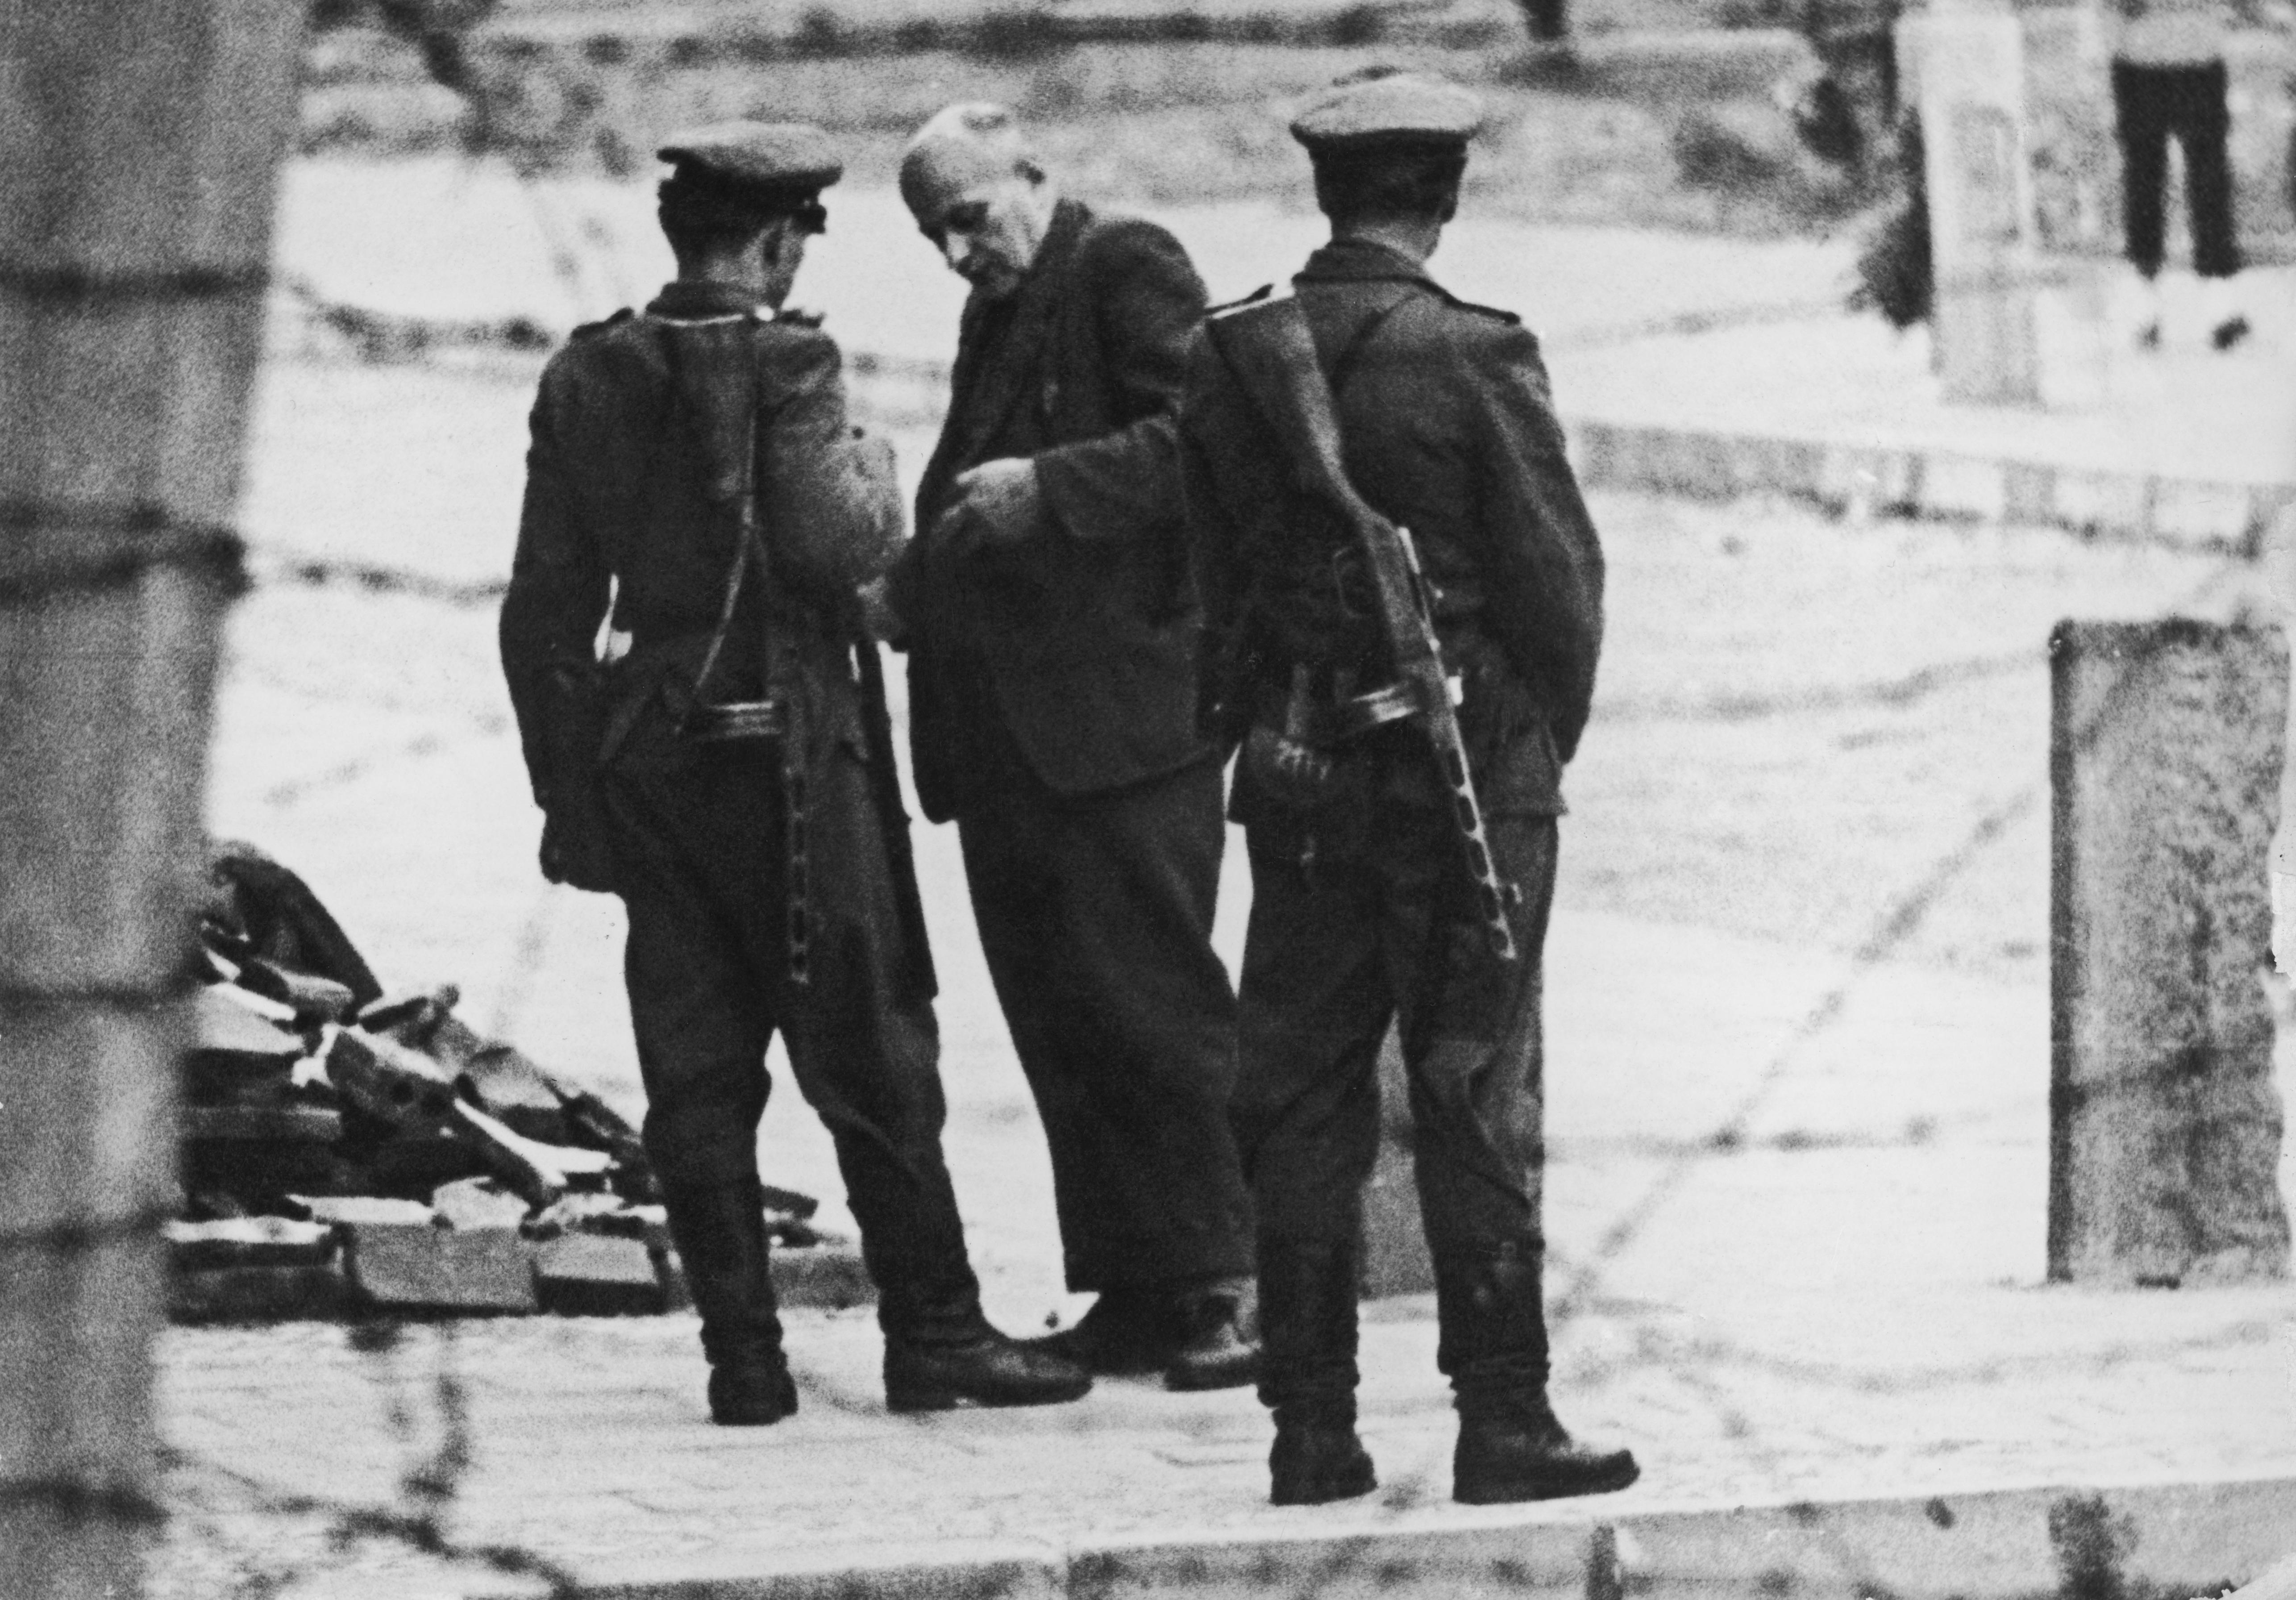 <p><strong>11 септември 1961 г. </strong></p>  <p>Членовете на Volkspolizei - източногерманската полиция, проверяват документите на възрастен мъж на Берлинската стена.</p>